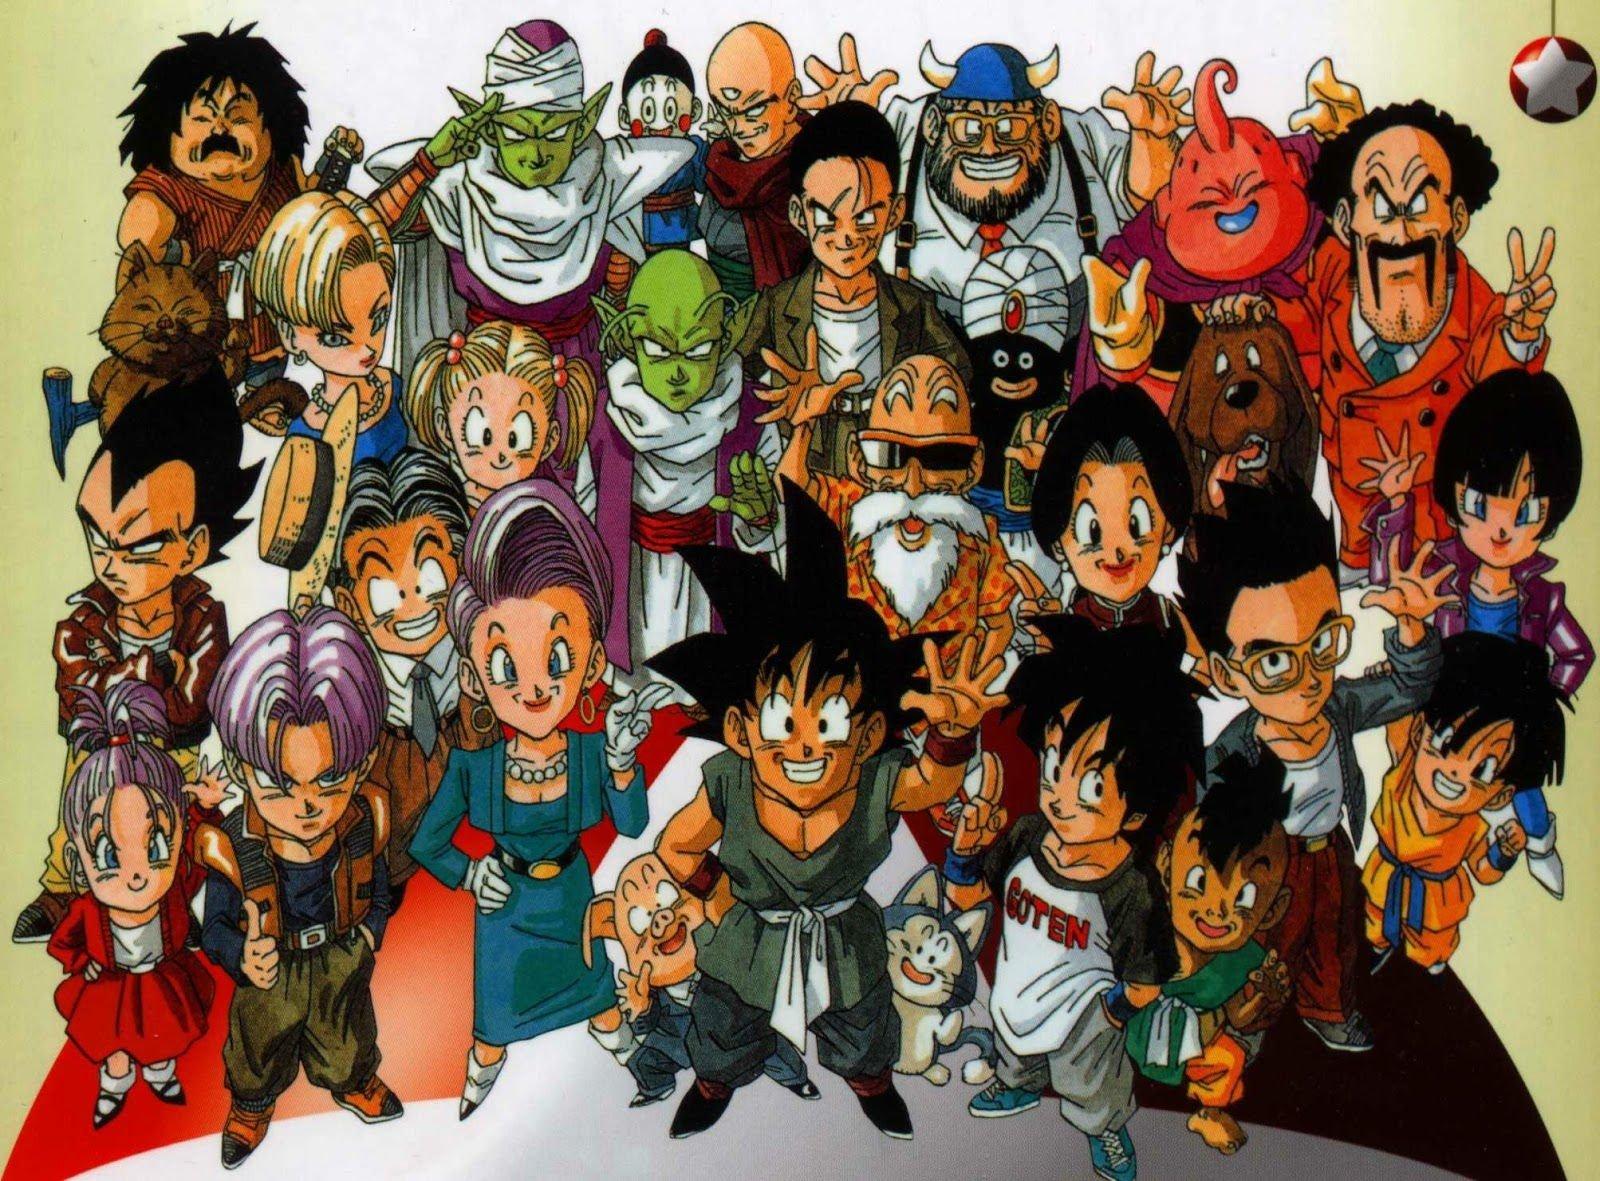 Anime - Dragon Ball Z  Wallpaper